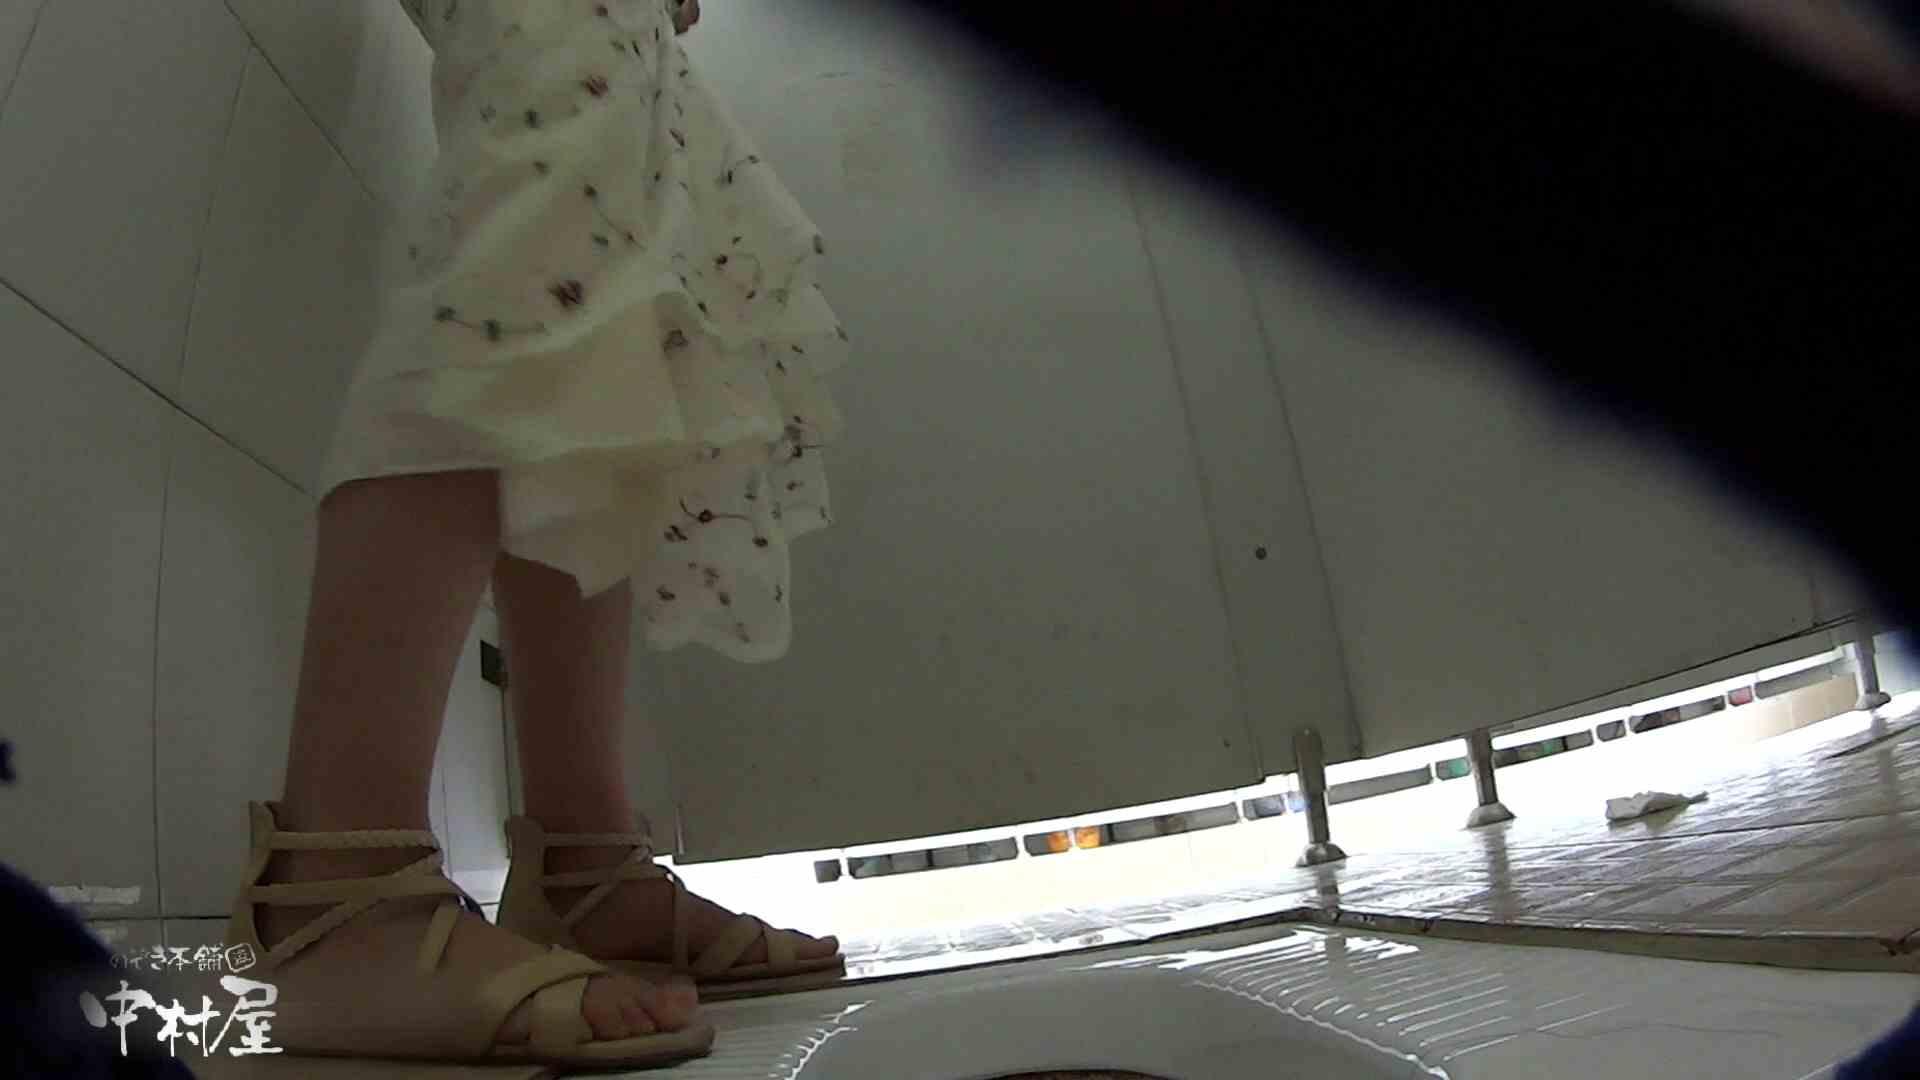 高画質フルハイビジョン眼鏡女子が多数出演!有名大学休憩時間の洗面所事情08 洗面所突入 ヌード画像 86pic 68